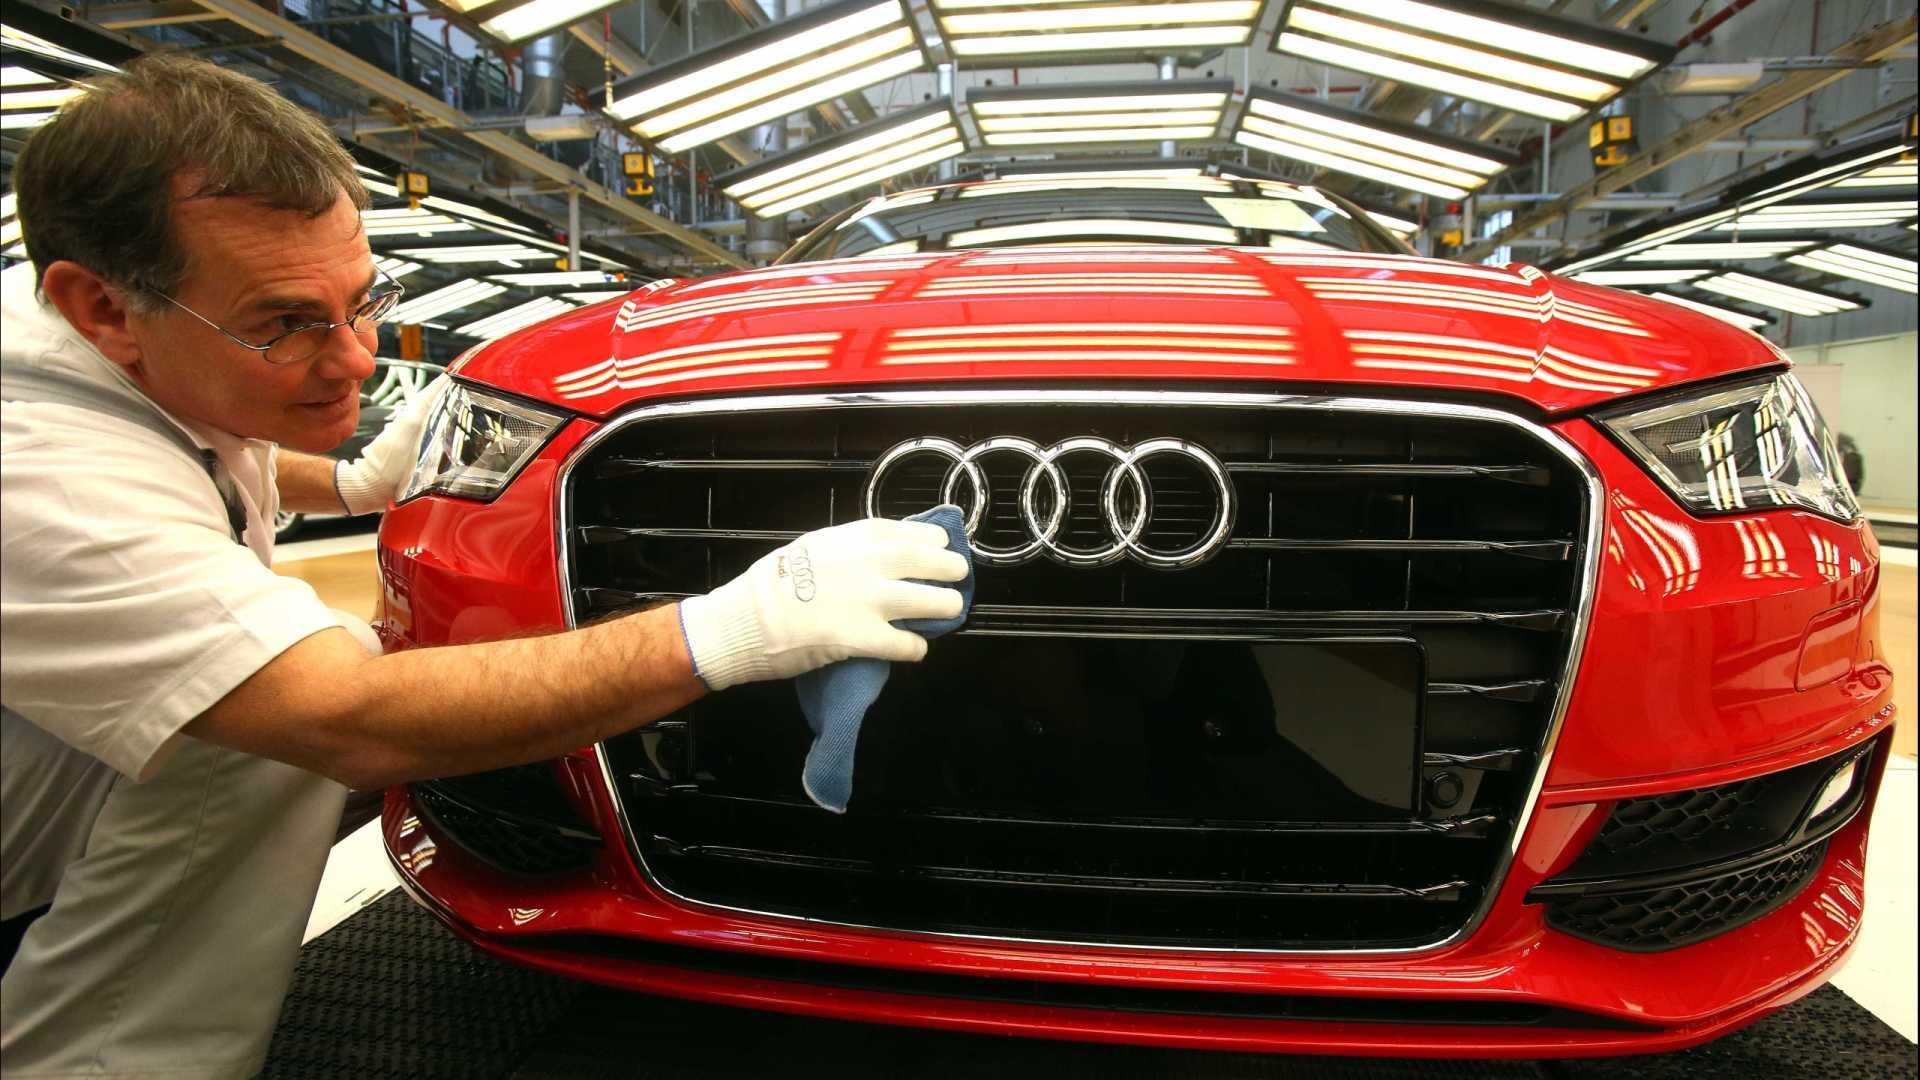 Venda de veículos no Brasil cresce 7,8% no ano